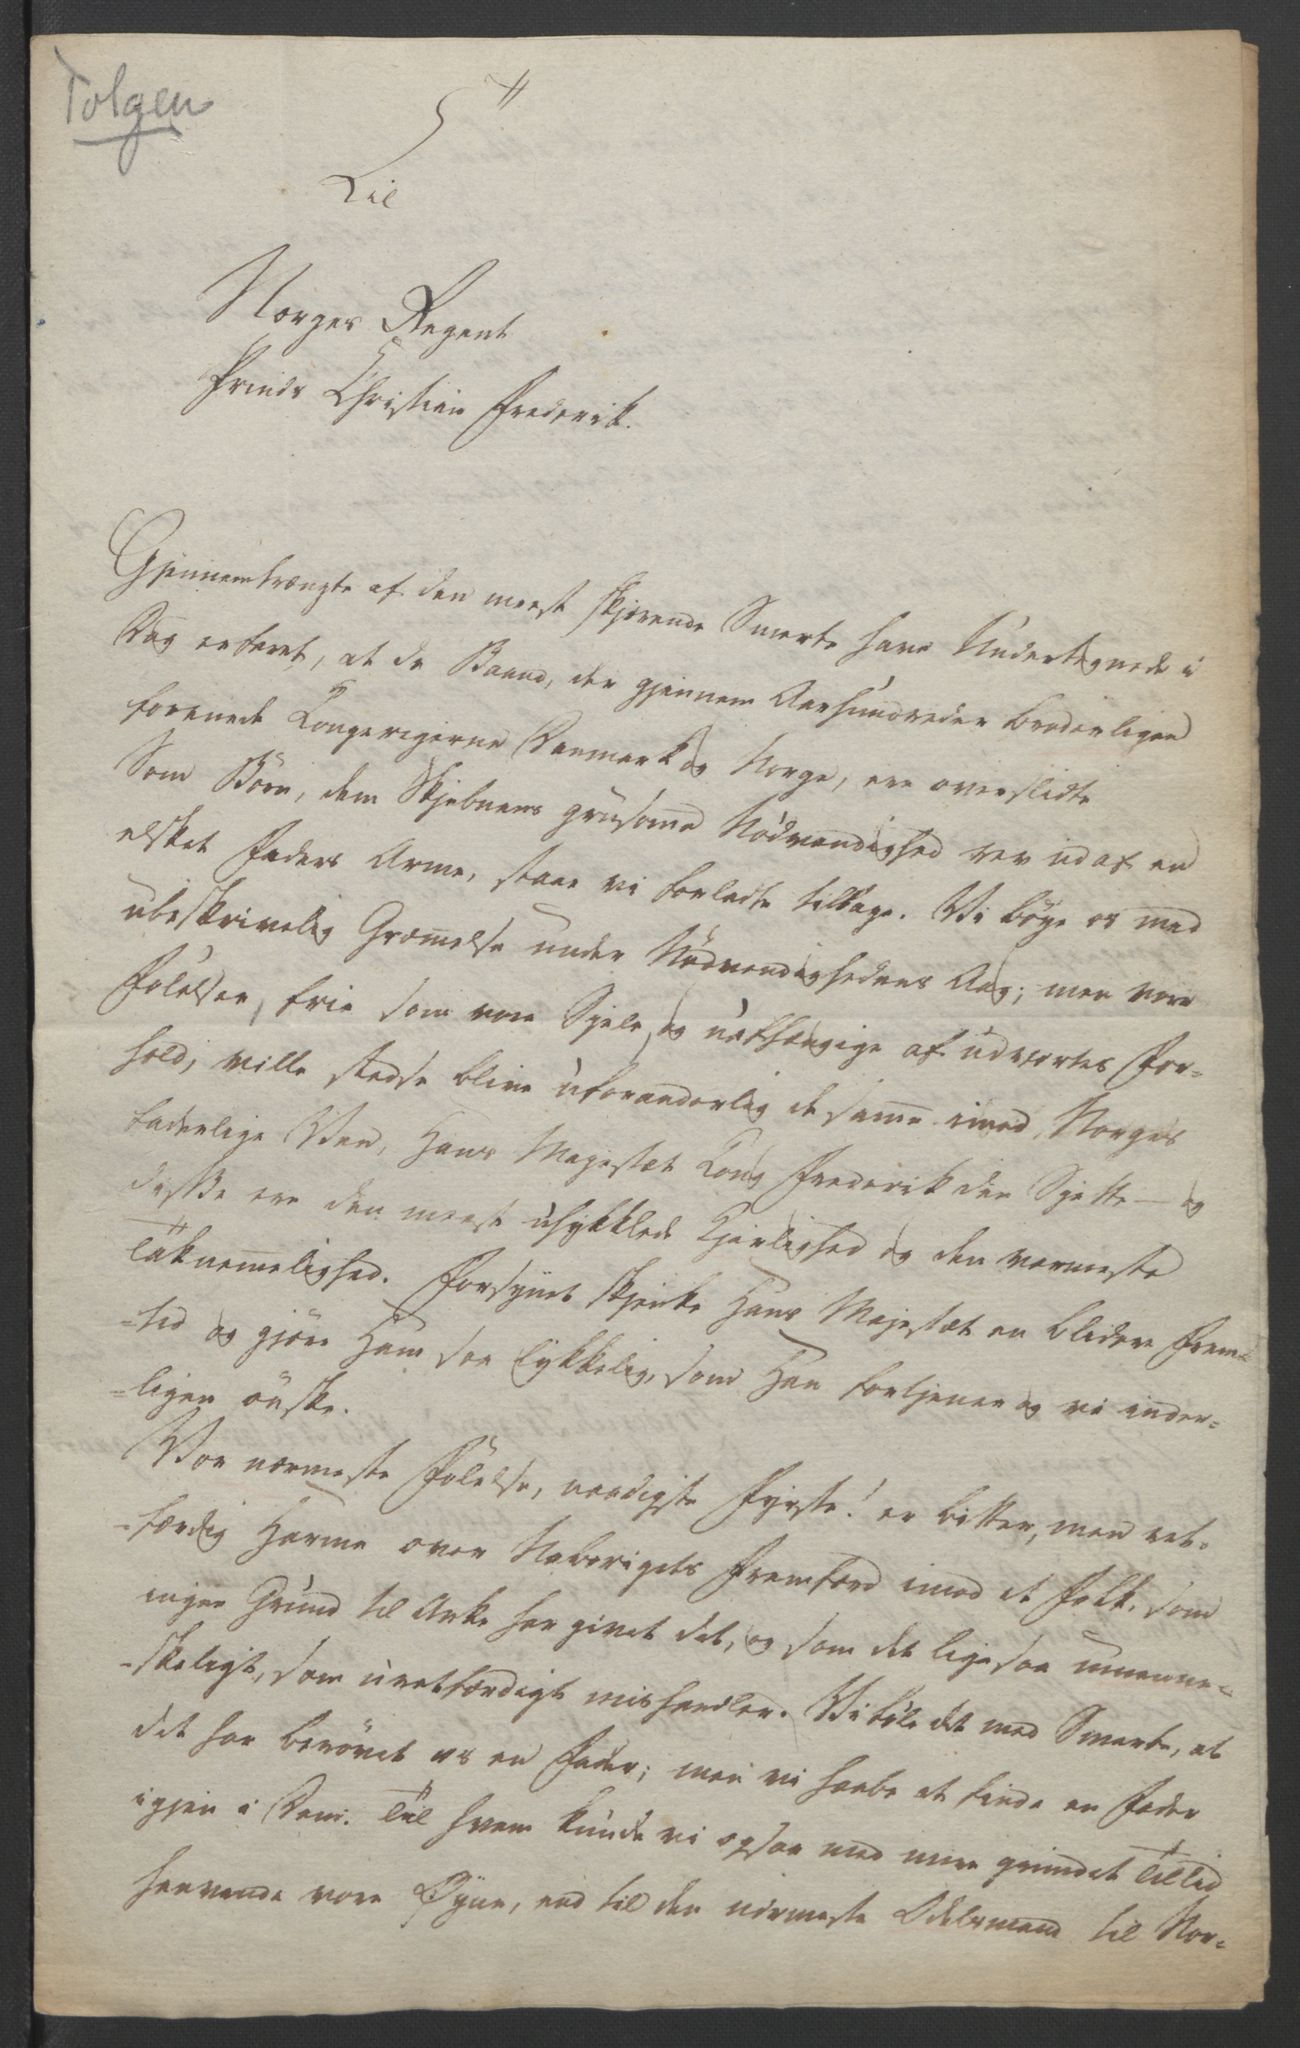 RA, Statsrådssekretariatet, D/Db/L0007: Fullmakter for Eidsvollsrepresentantene i 1814. , 1814, s. 240